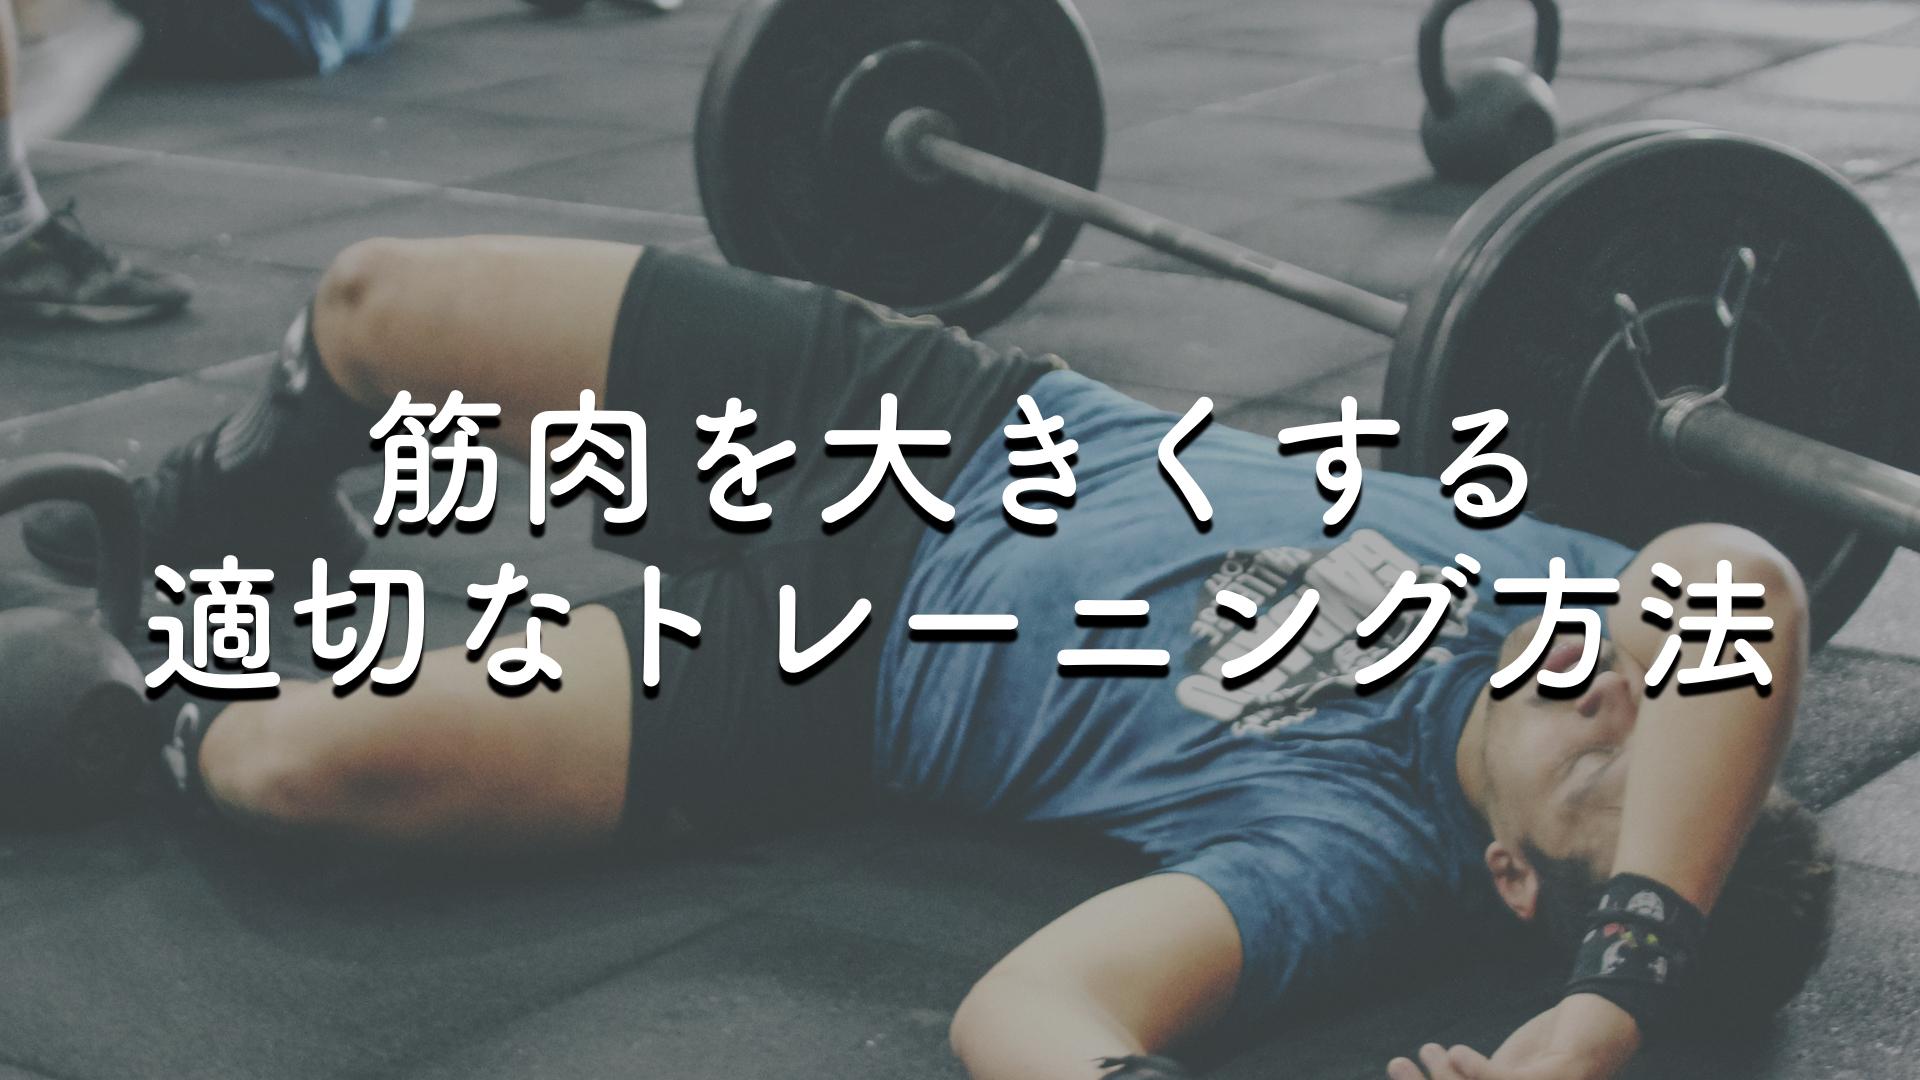 【筋トレは最終7秒間】筋肉を大きくする適切なトレーニング法まとめ